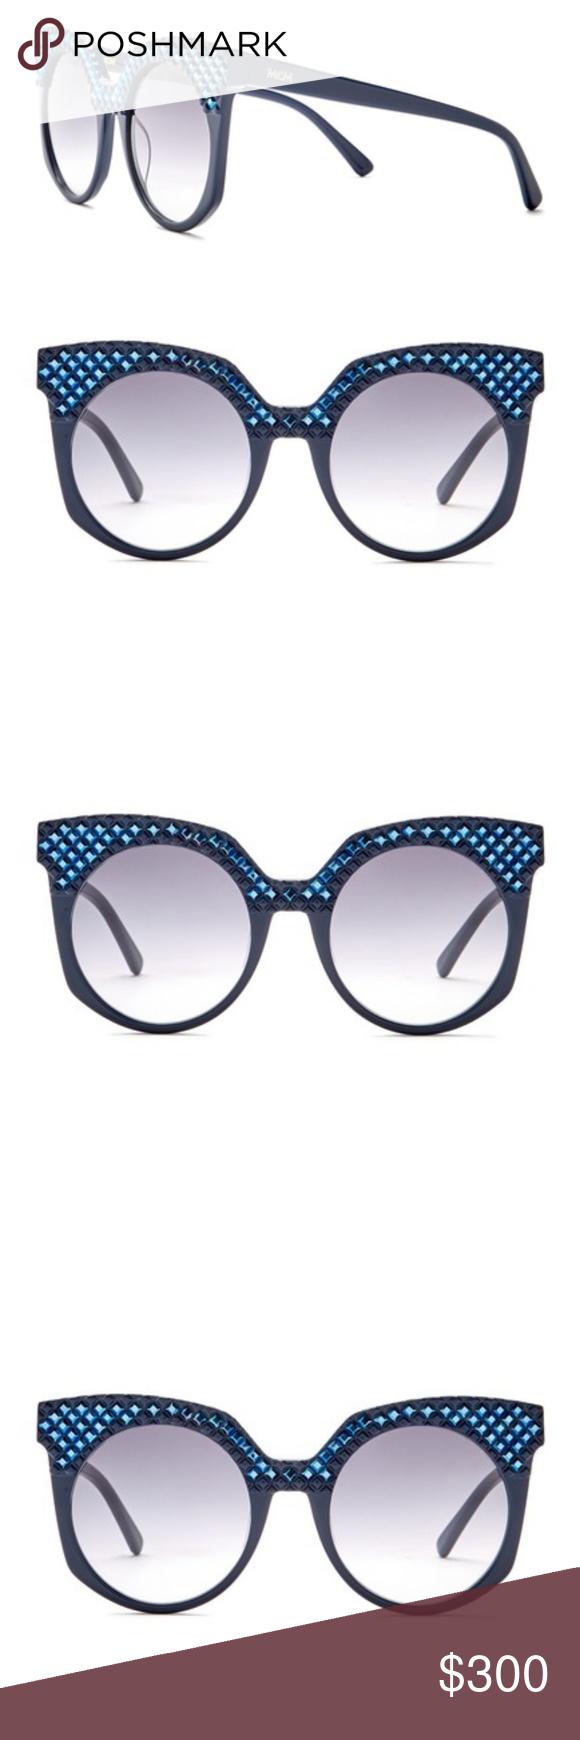 e28728651e974 MCM Women s Cat Eye 52mm Acetate Frame Sunglasses Details - Gender  Women s  - Style